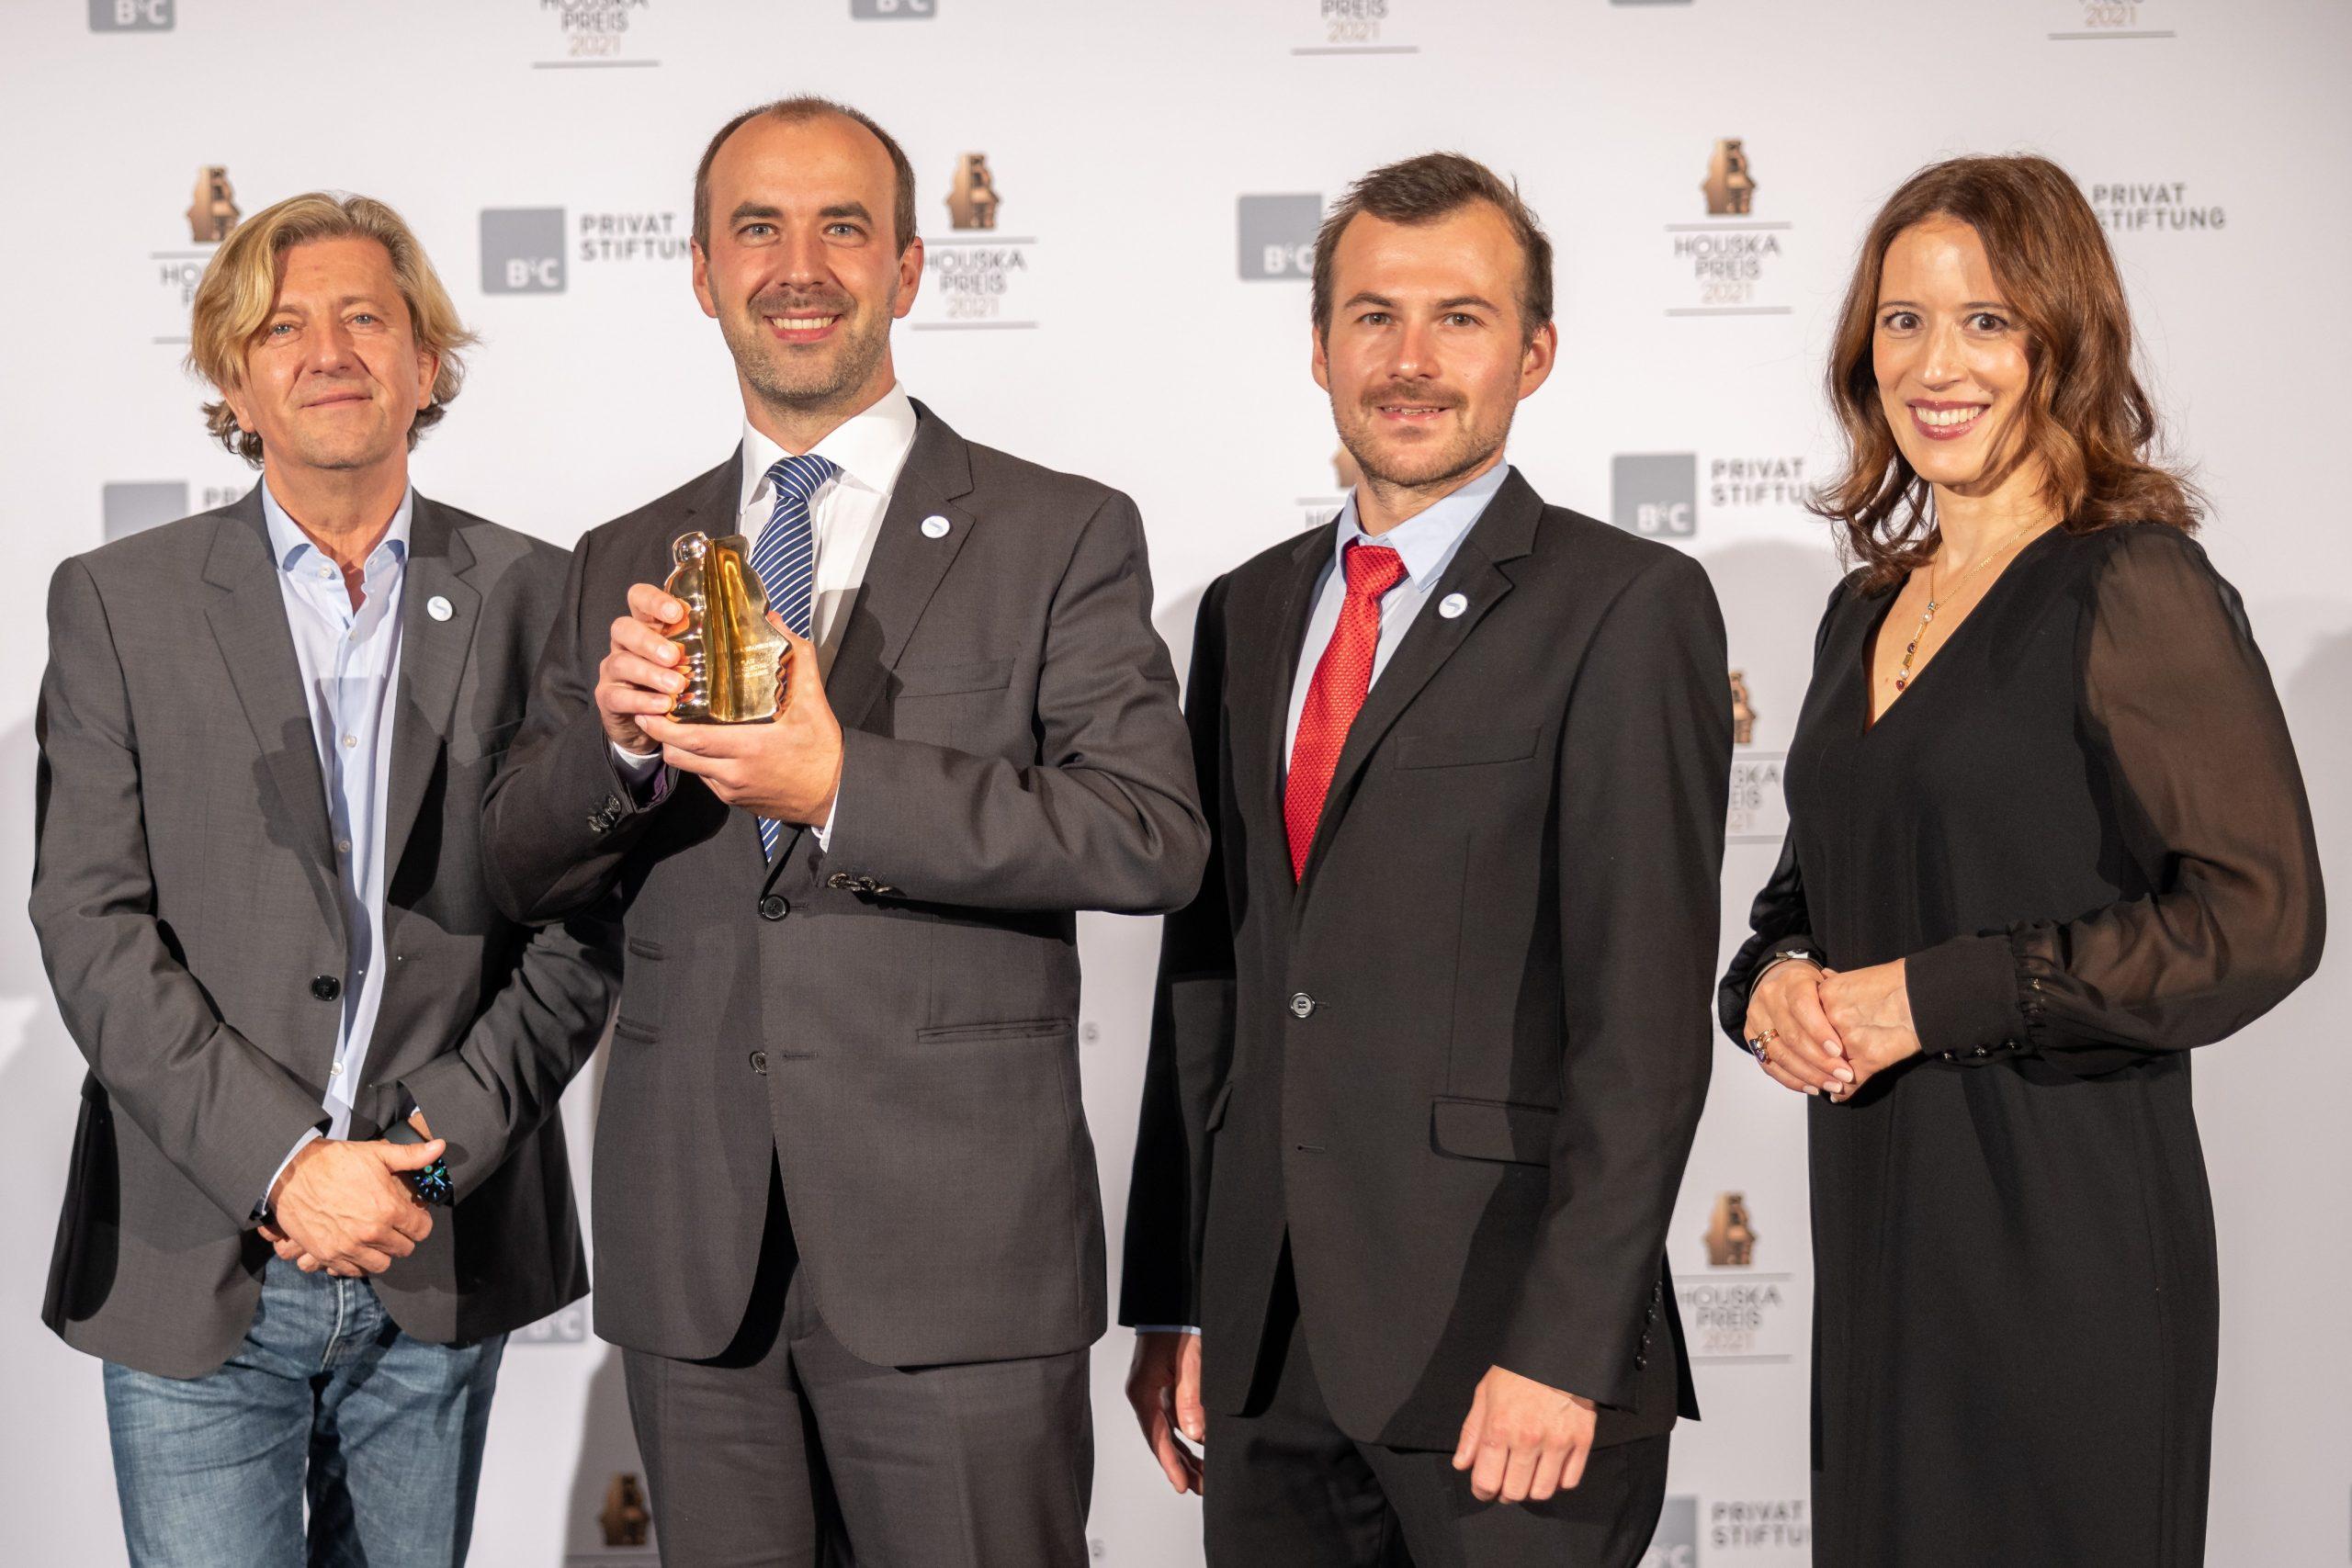 Houskapreis 2021: 2. Platz für Christian With/TU Graz